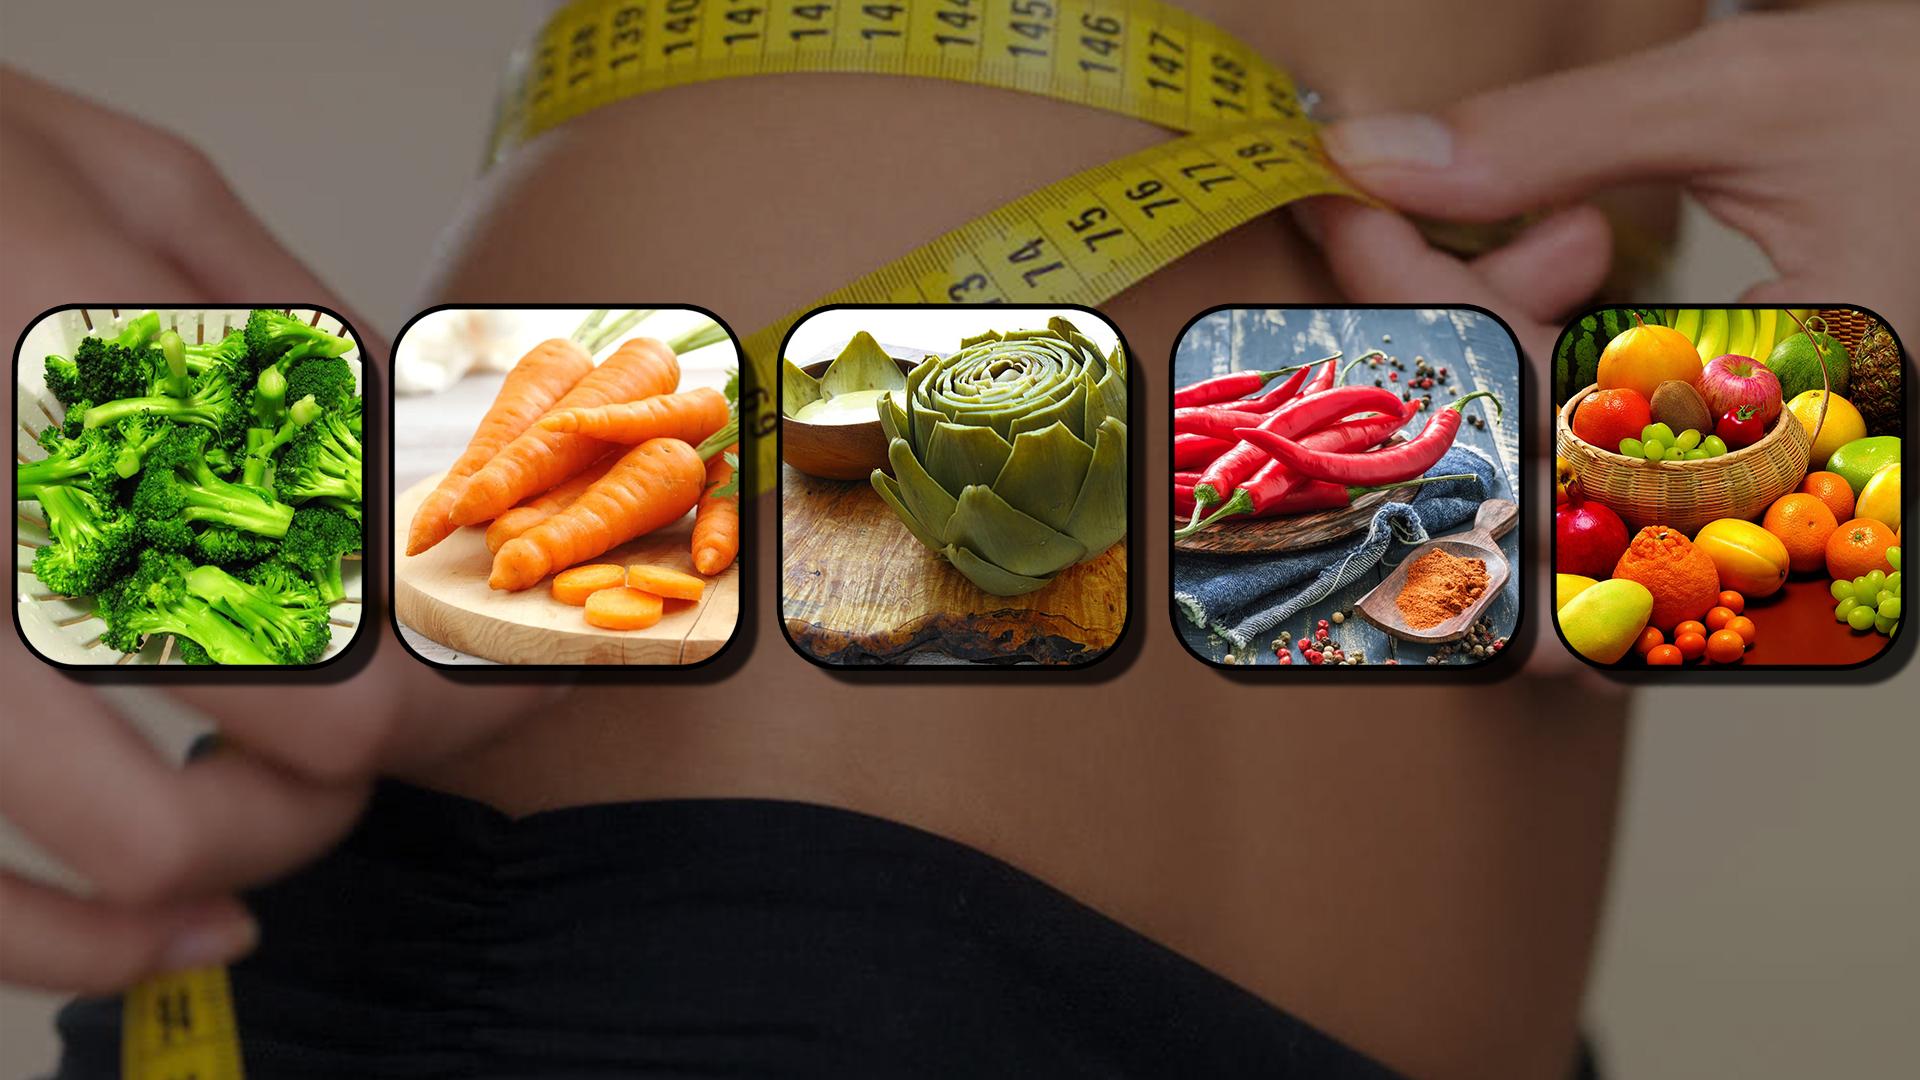 Интернет-провайдер в Красноярске рассказывает: Срочно худеем к лету: 5 продуктов с самым низким содержанием калорий